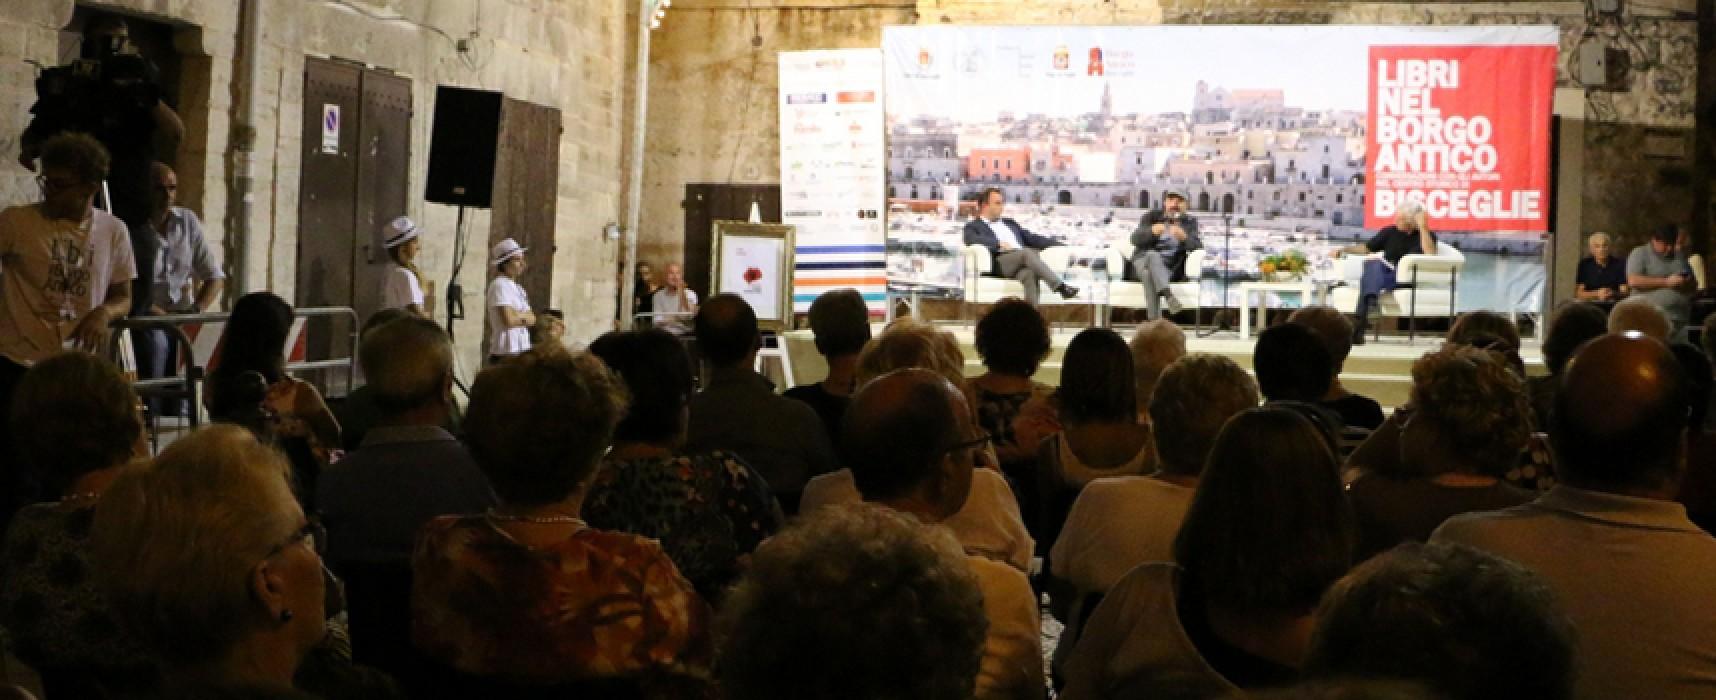 Libri nel Borgo Antico, ultima serata con Al Bano, Don Aniello, Veneziani e Chiabotto / PROGRAMMA